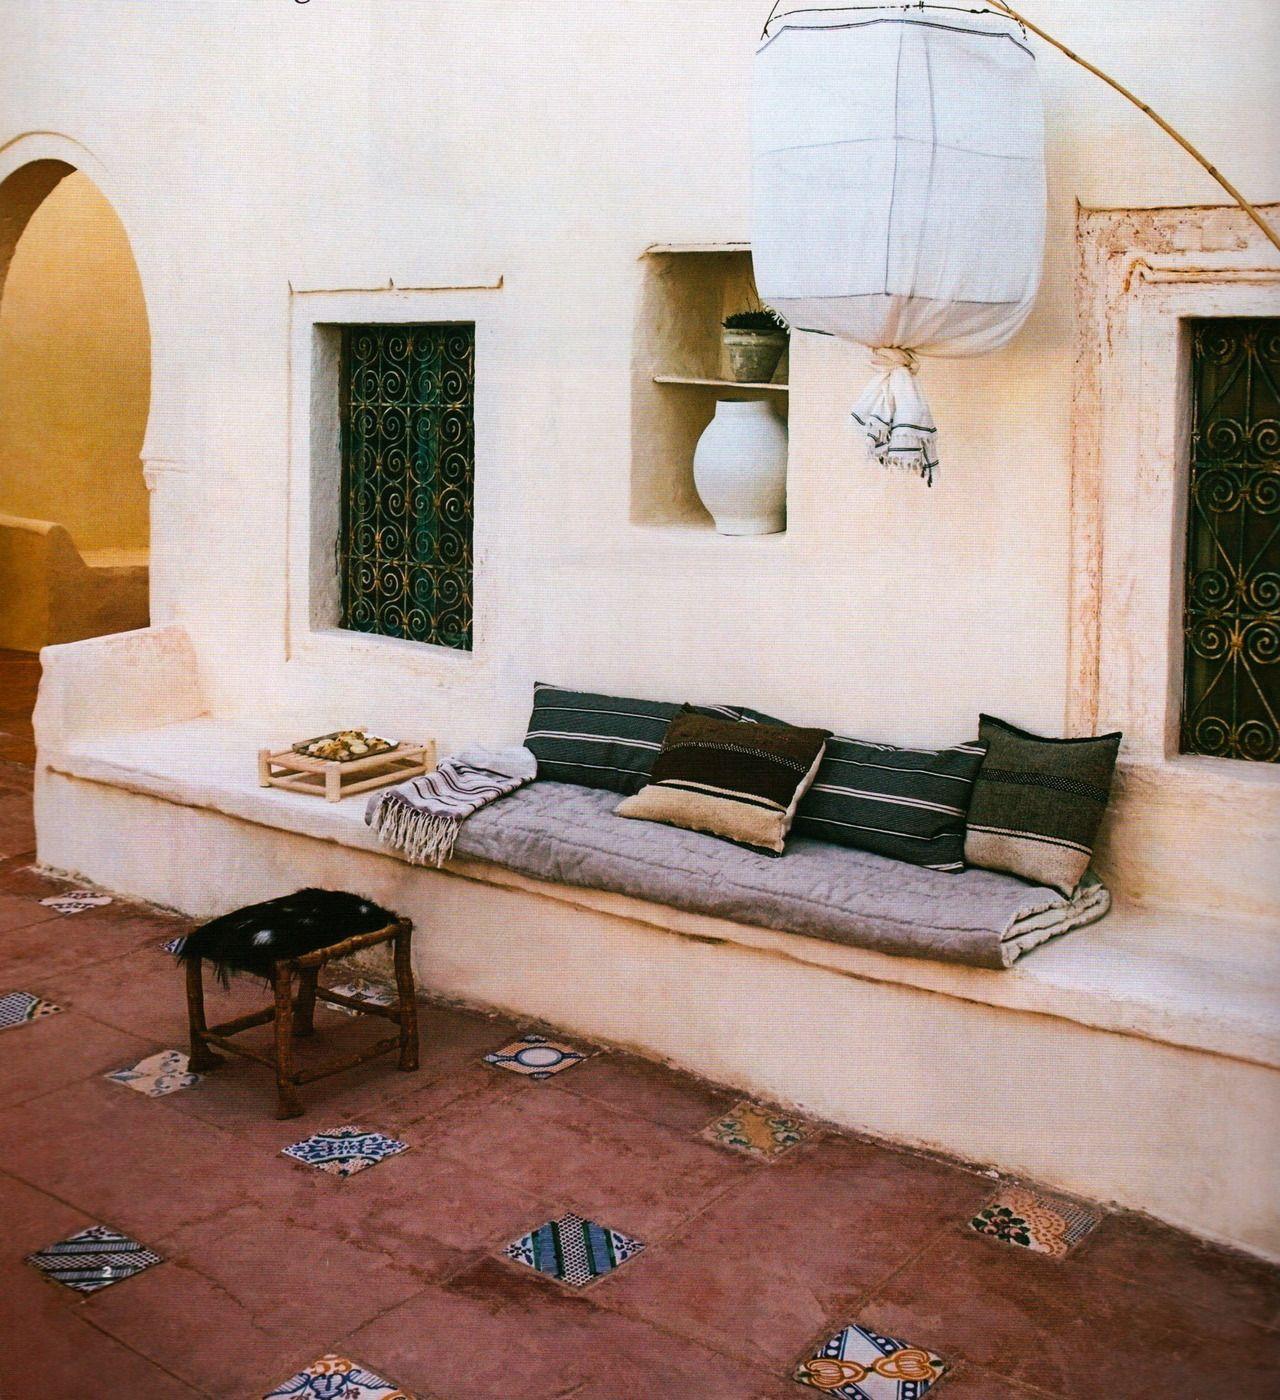 Ambiance marocaine a riad 39 s patio marrakech morocco for Diseno de interiores merida